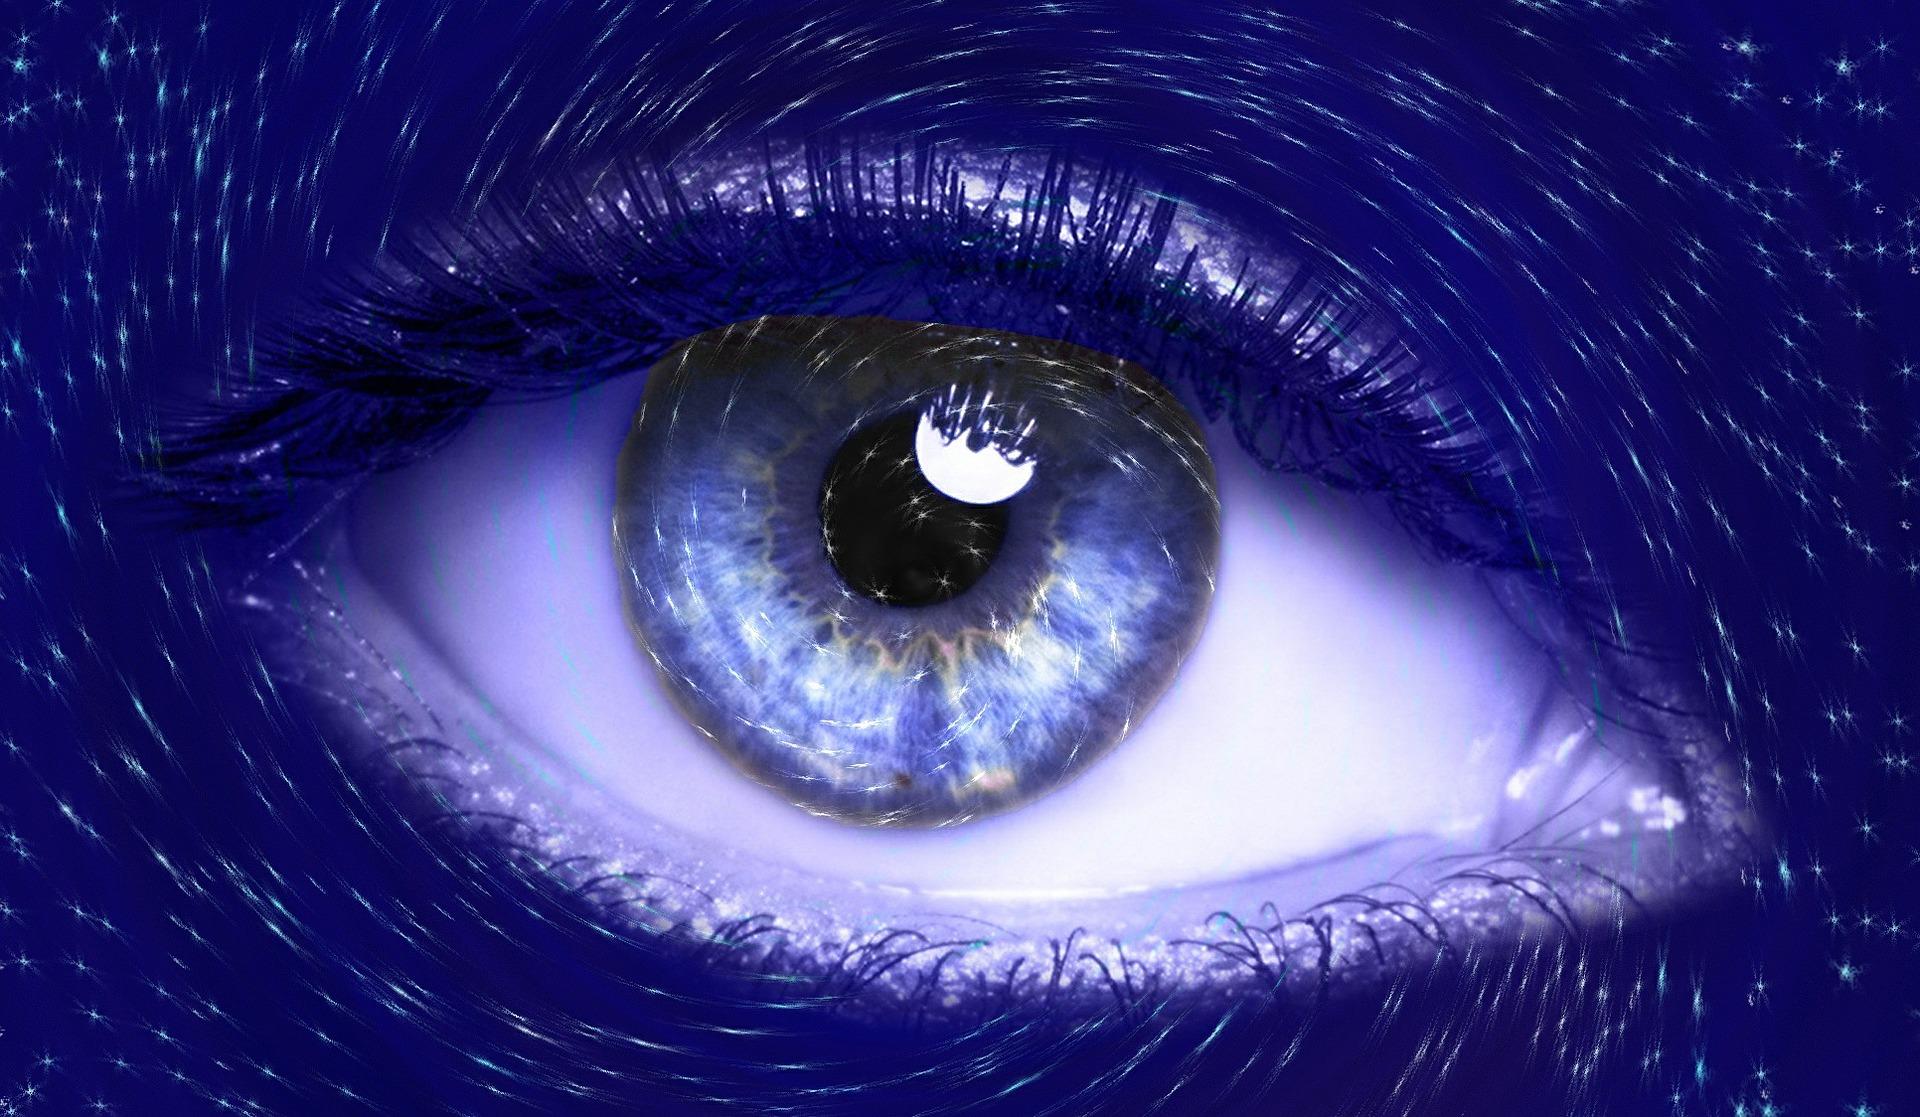 eye-491625_1920.jpg